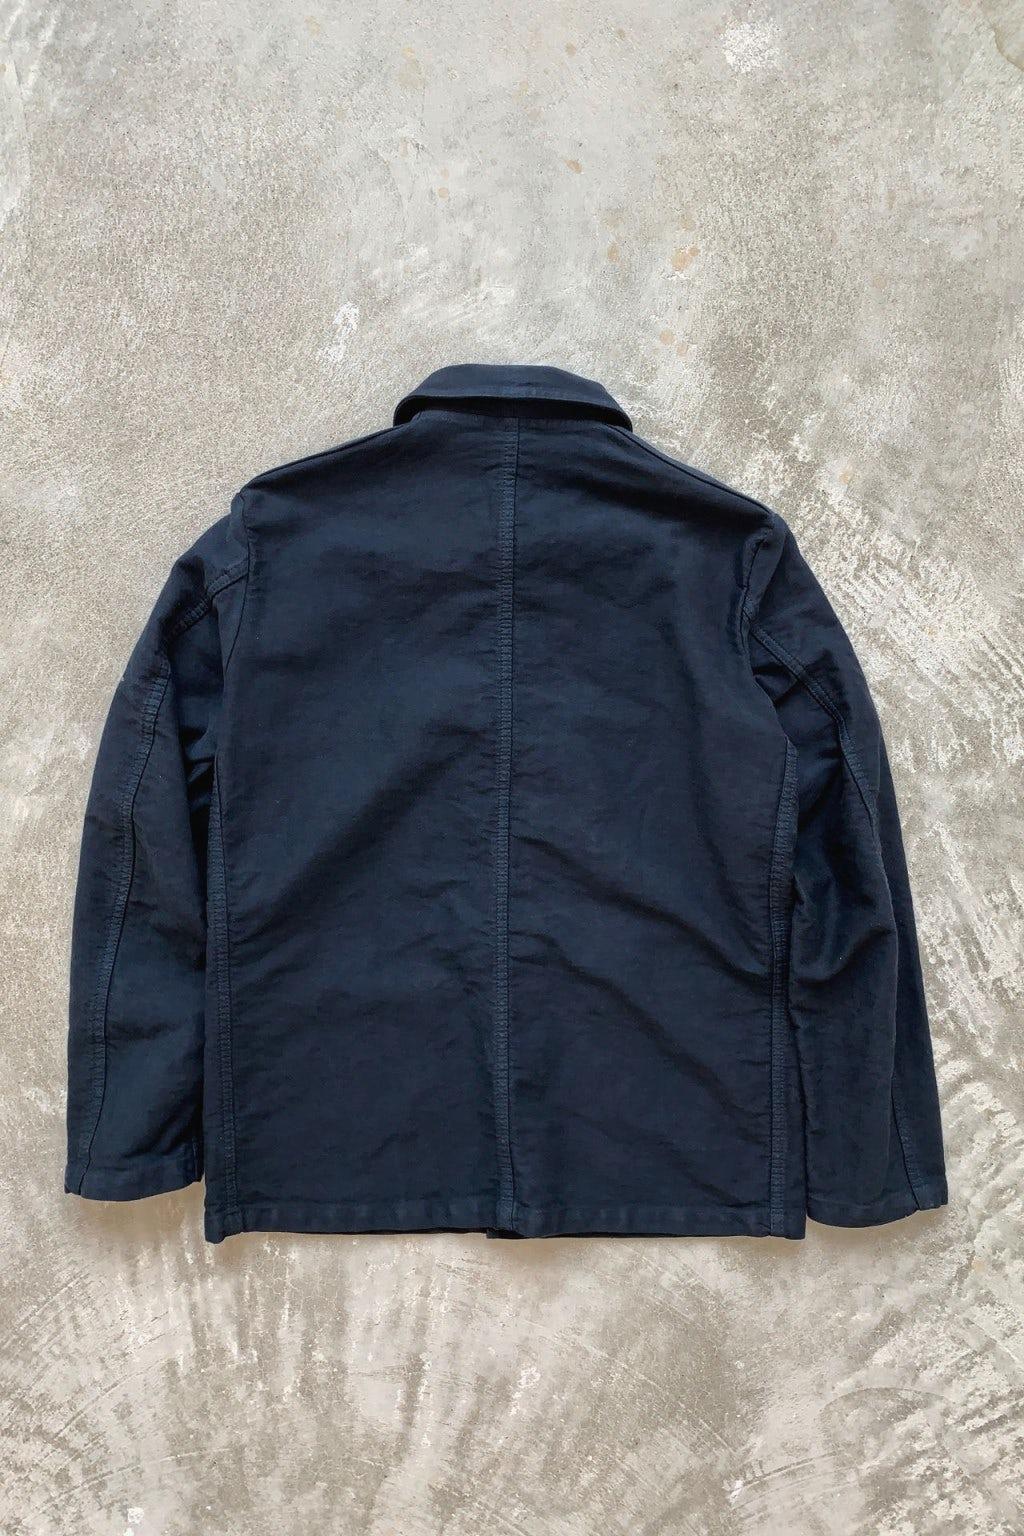 Vetra Chore Coat Navy Moleskin